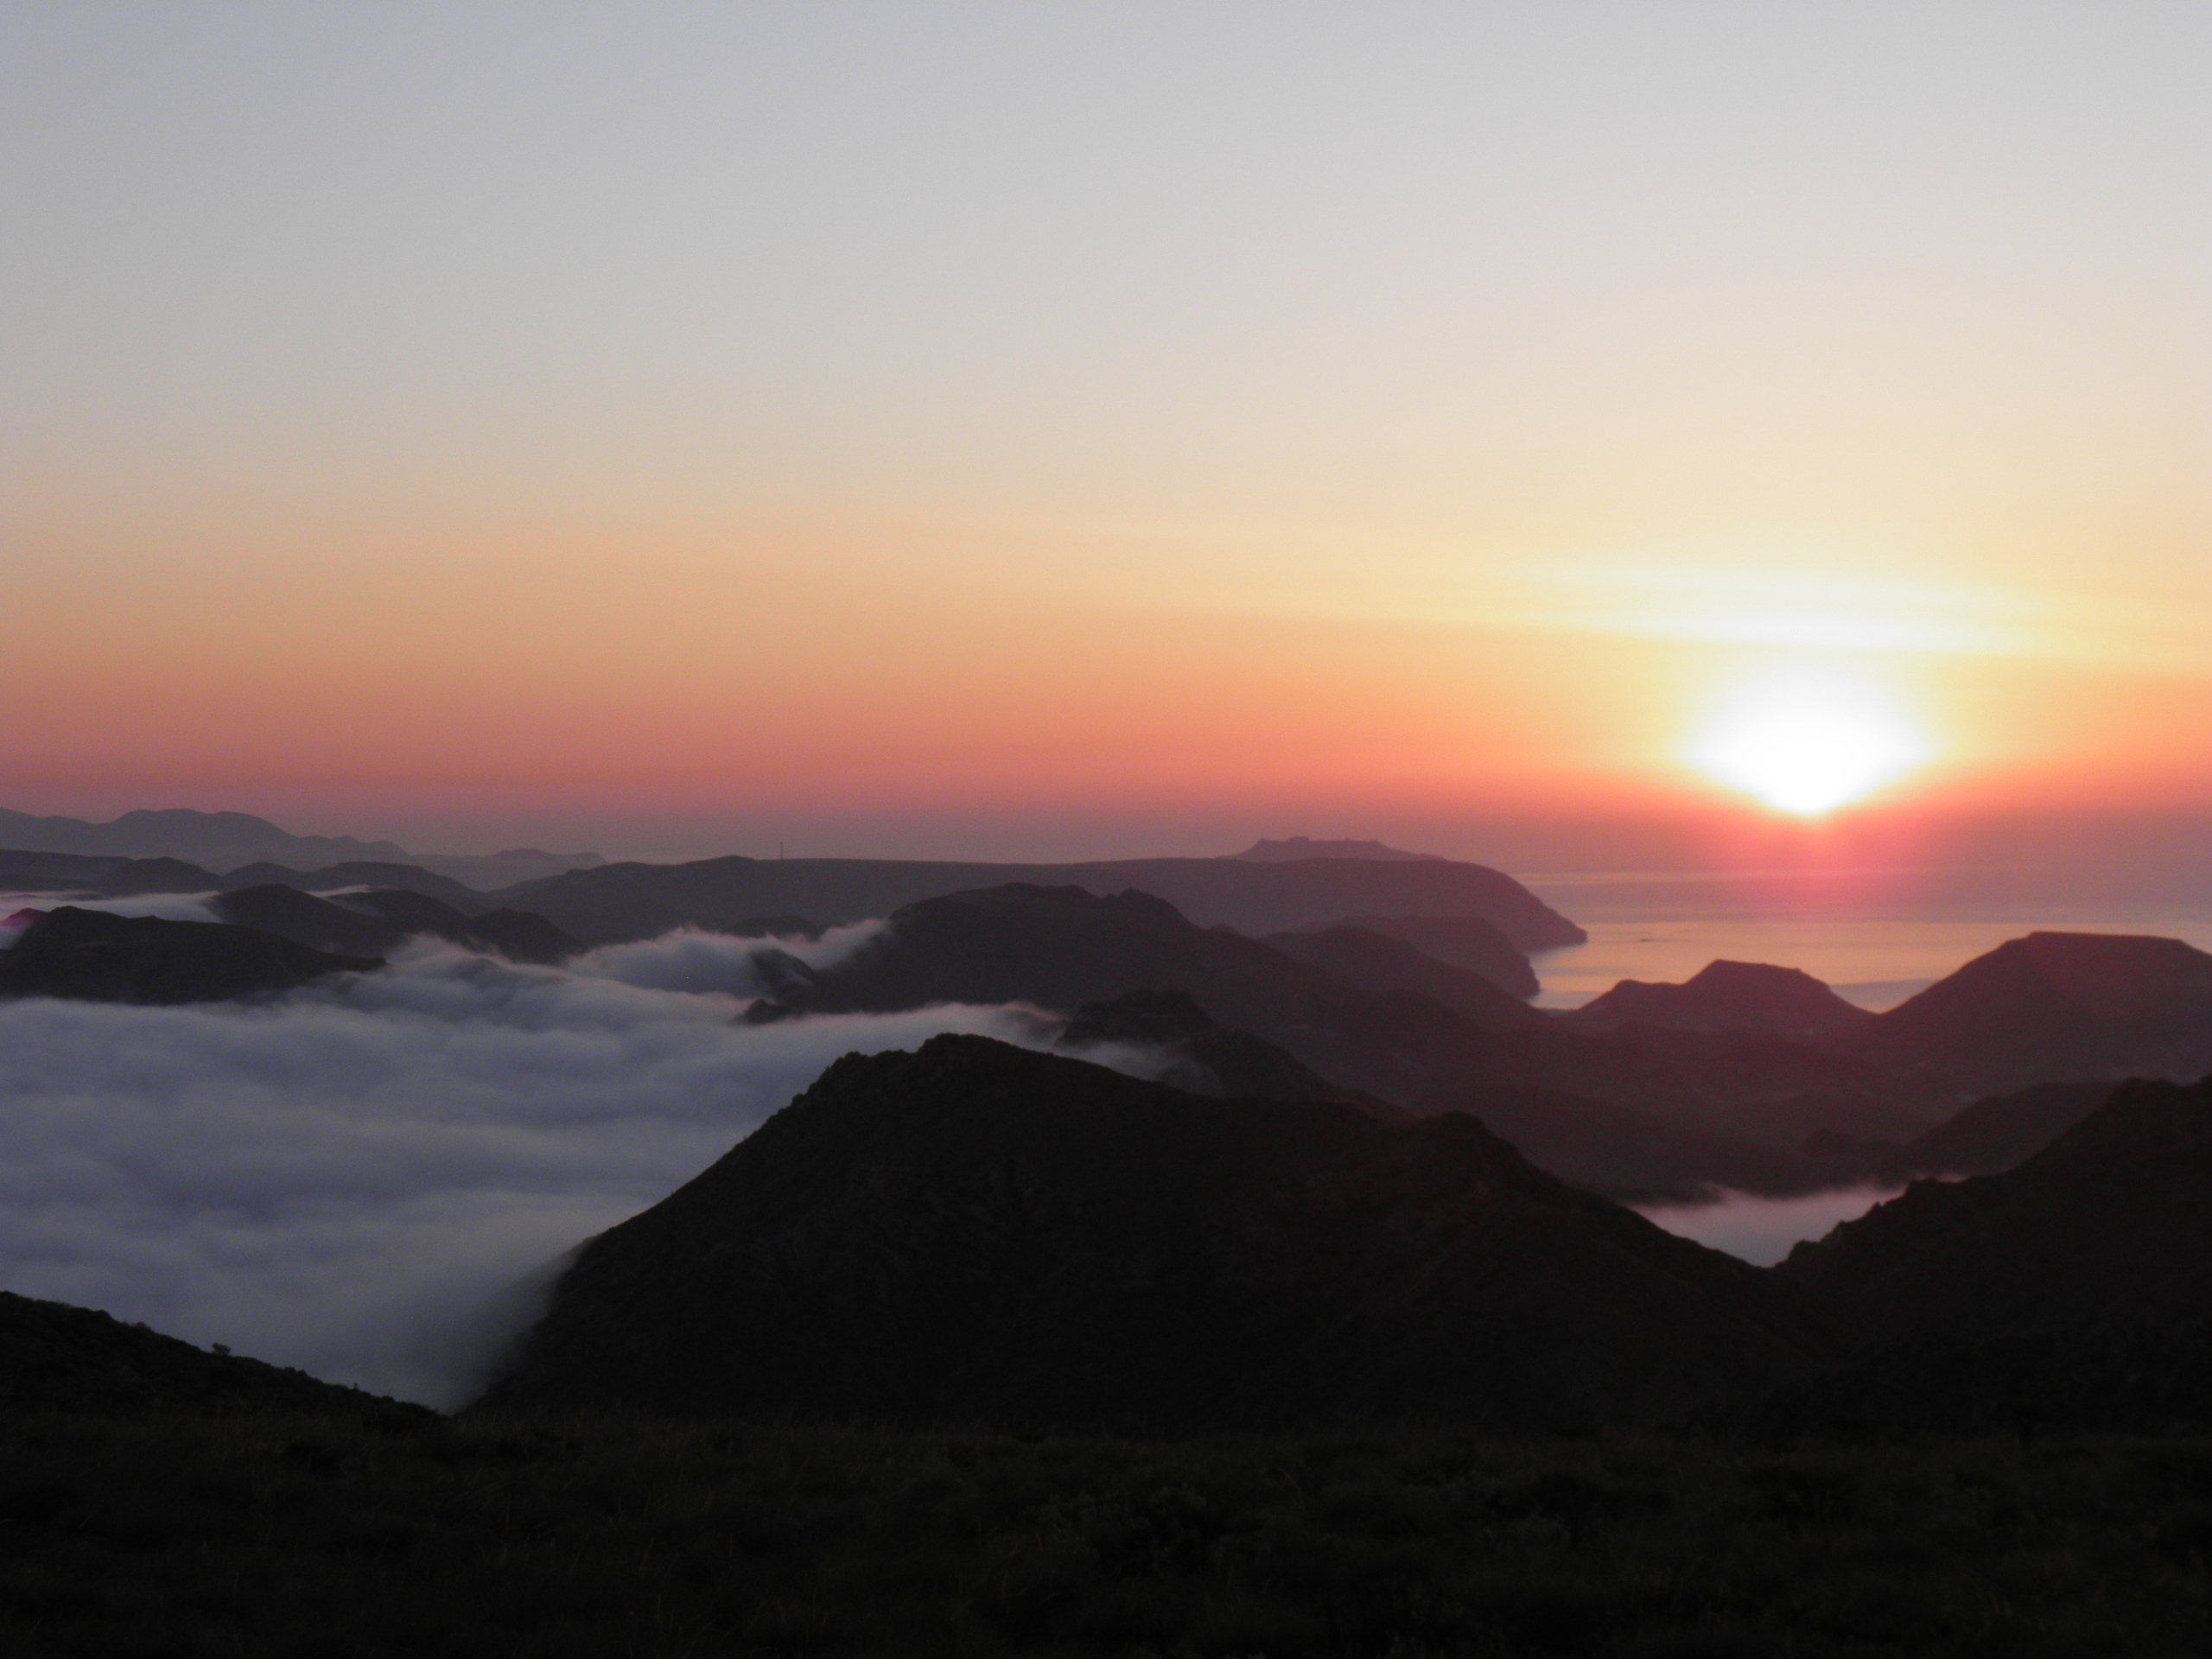 Amanecer y Niebla Parque Natural  Cabo de Gata Níjar